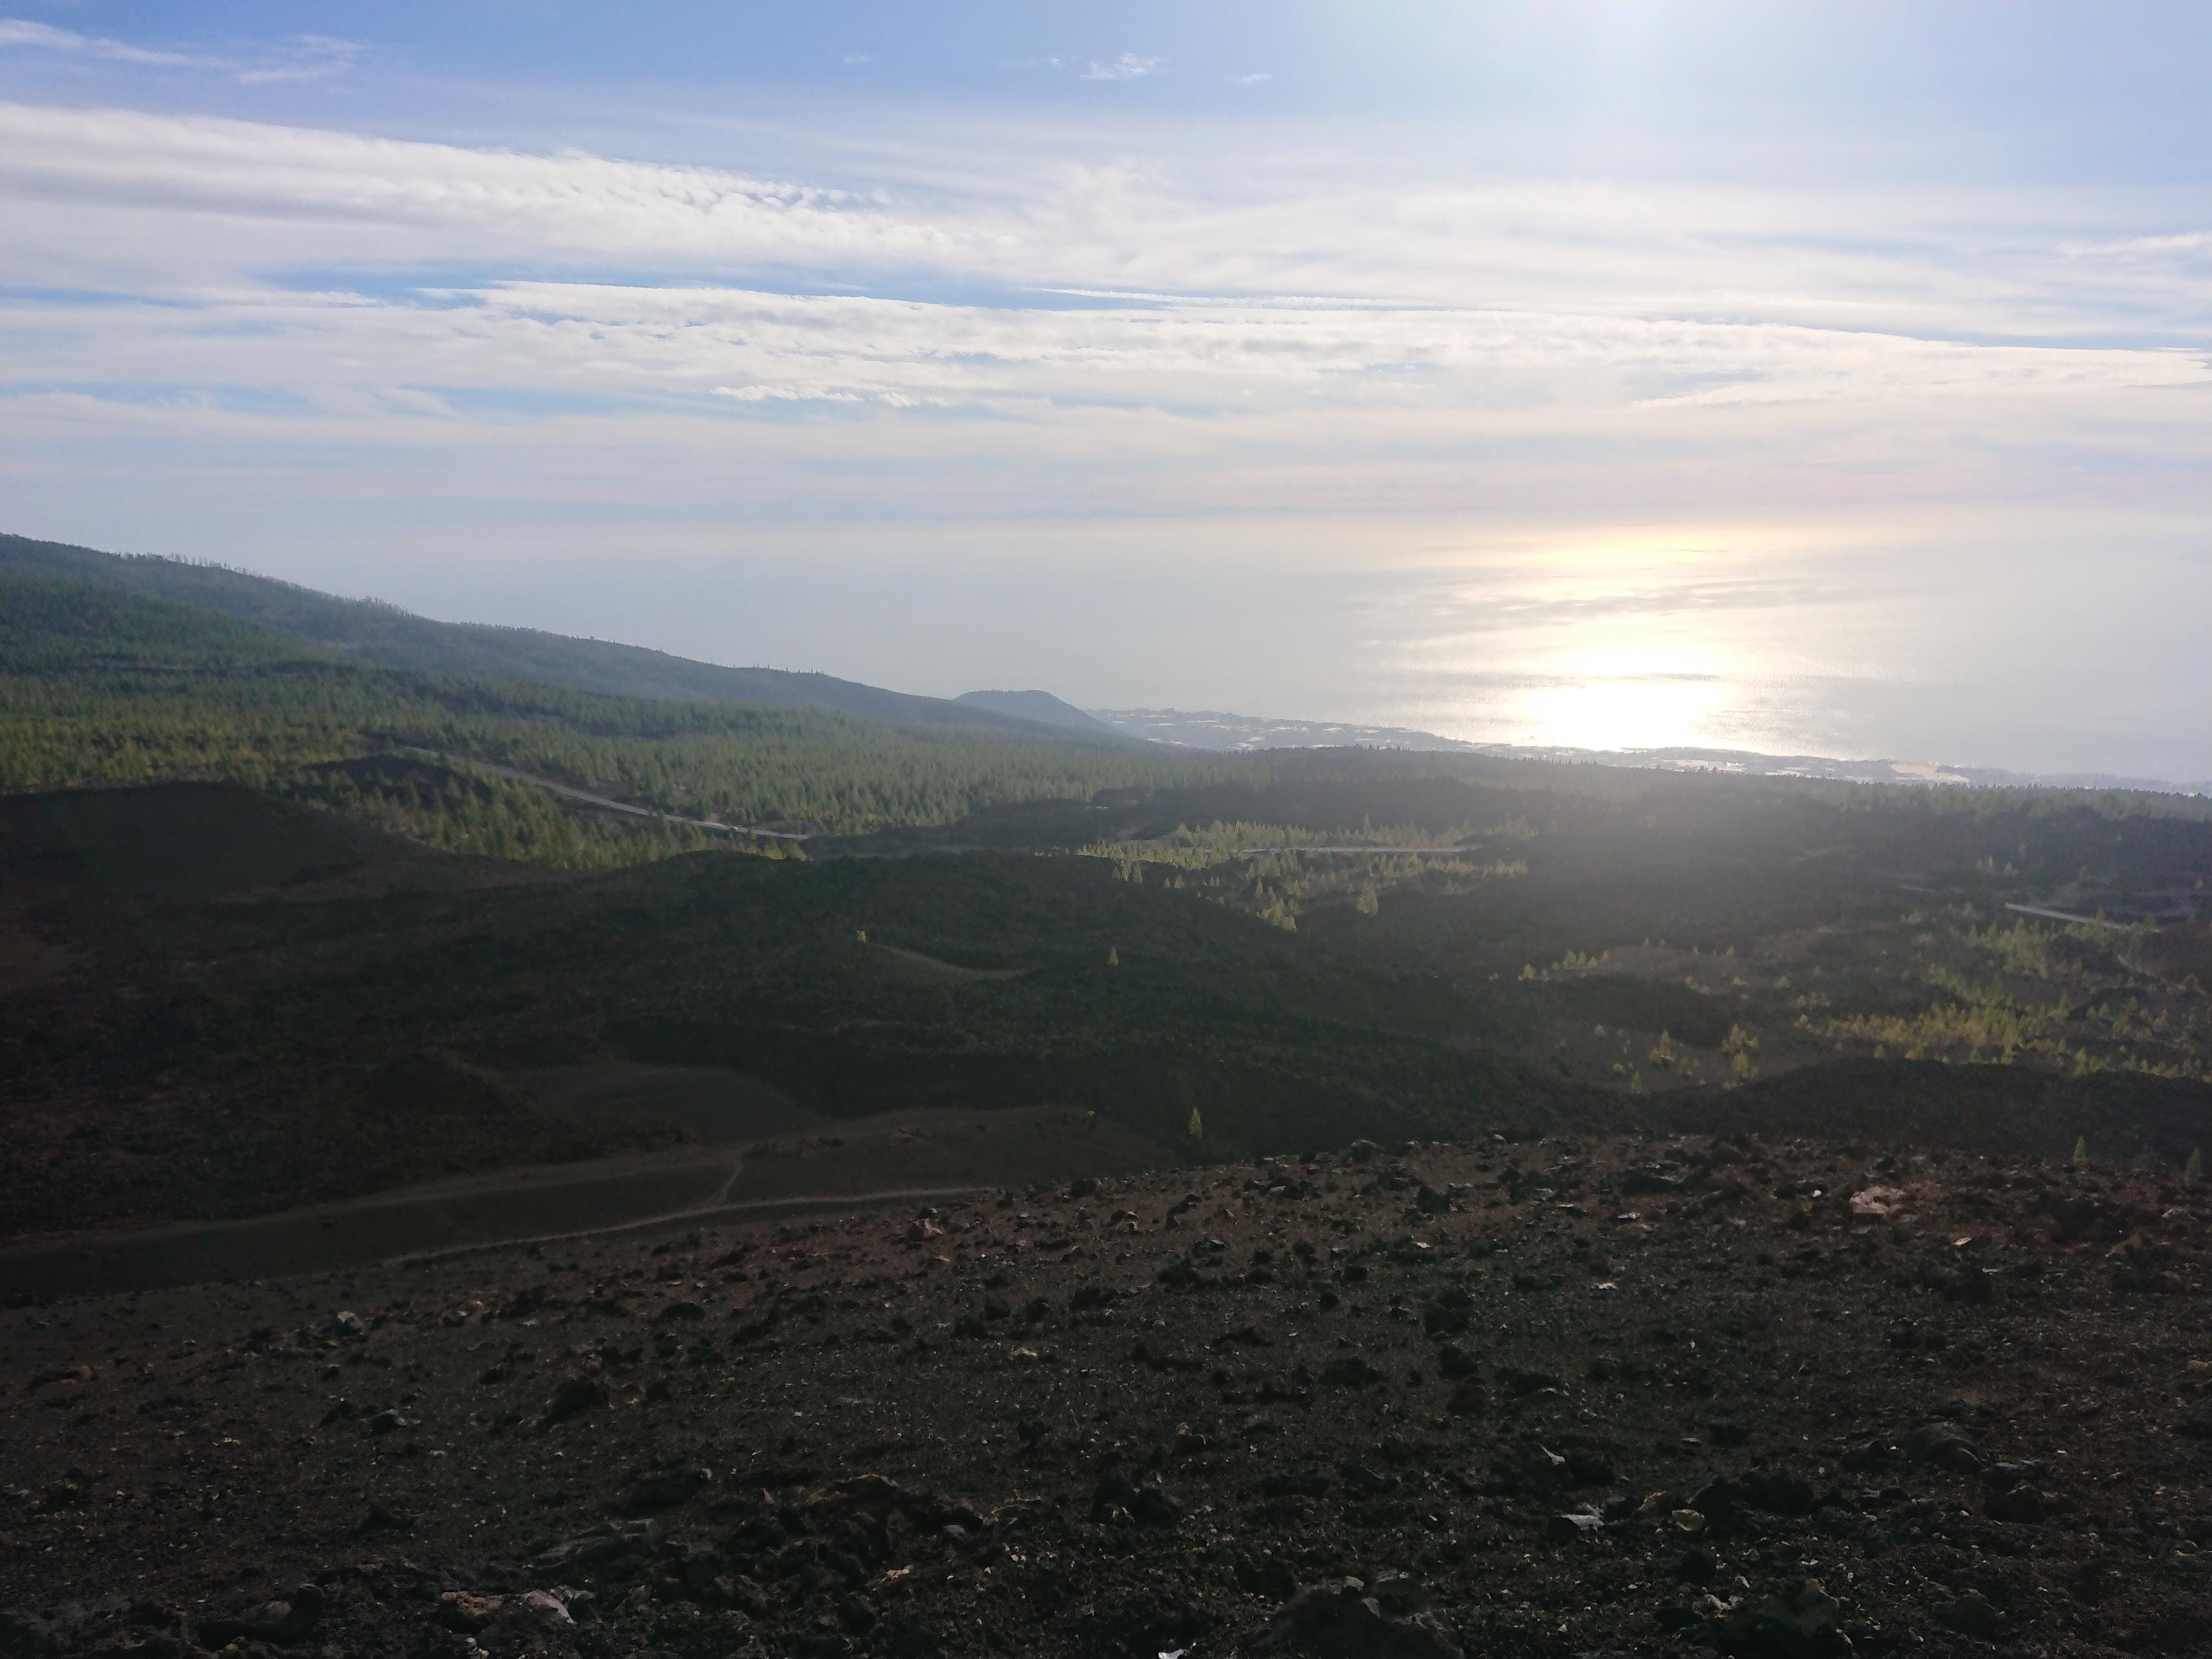 Fantastische Aussicht bis zum Horizont